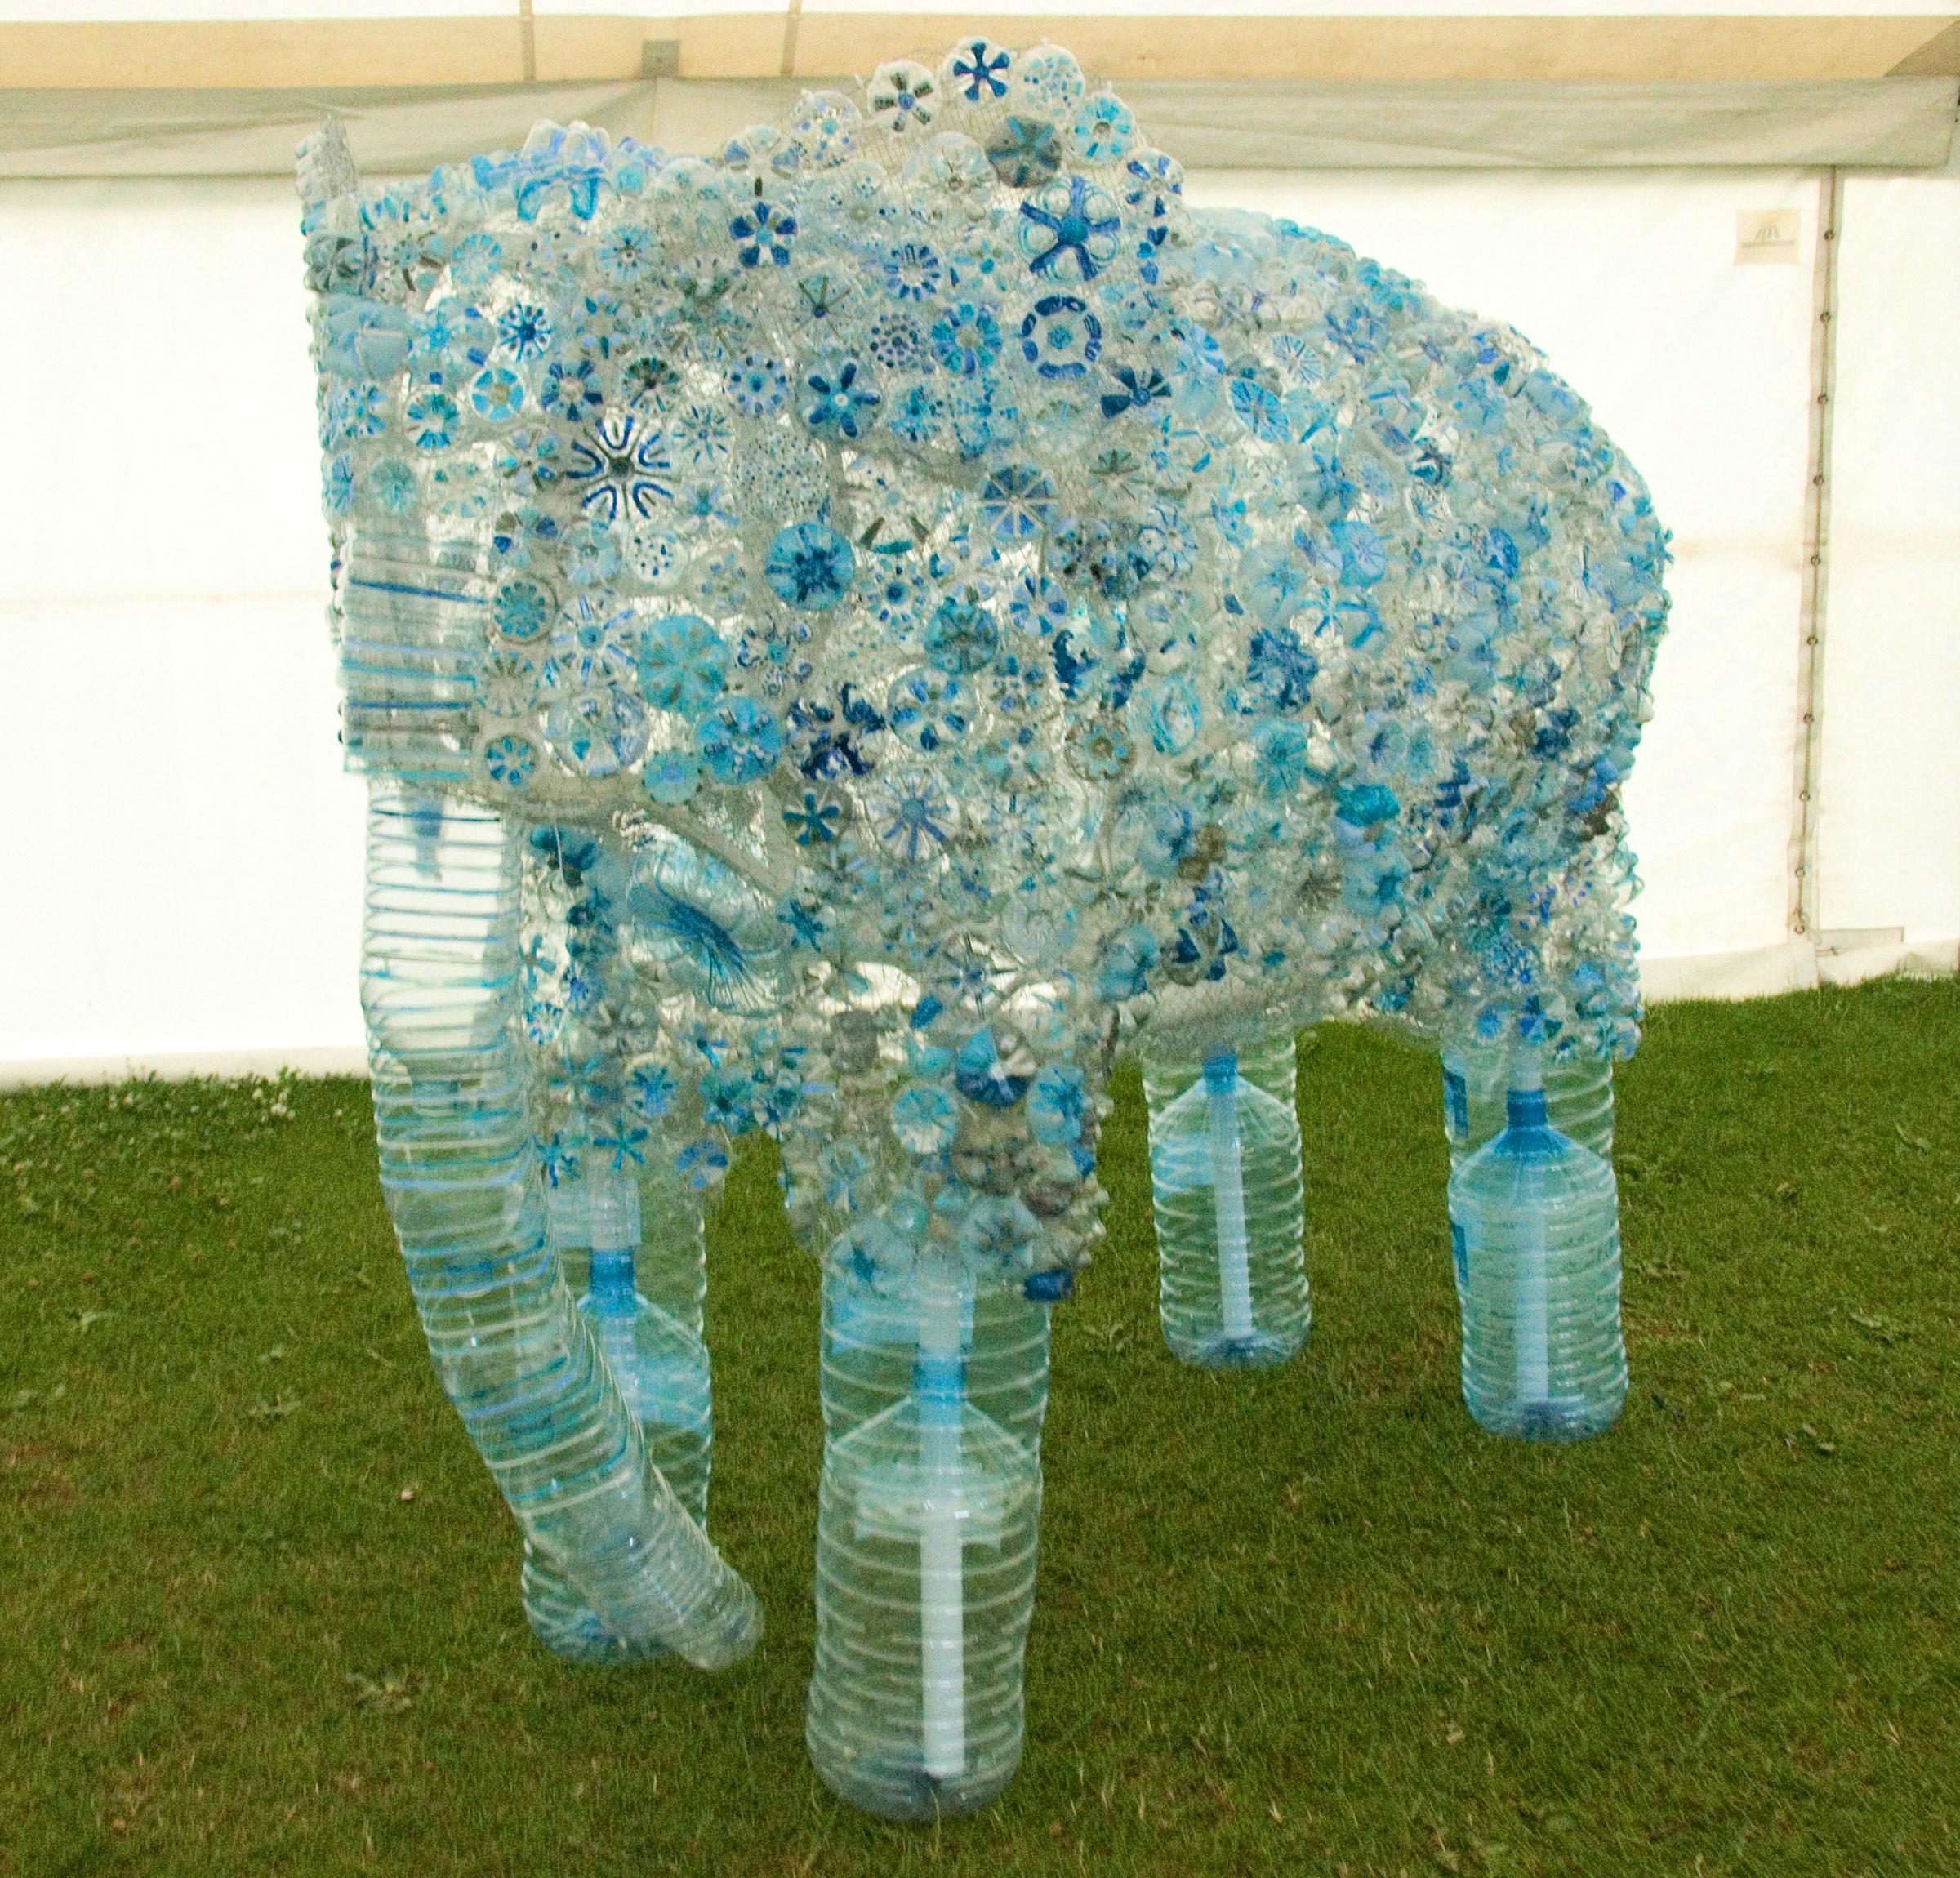 Plastic Bottle Elephant - 2014